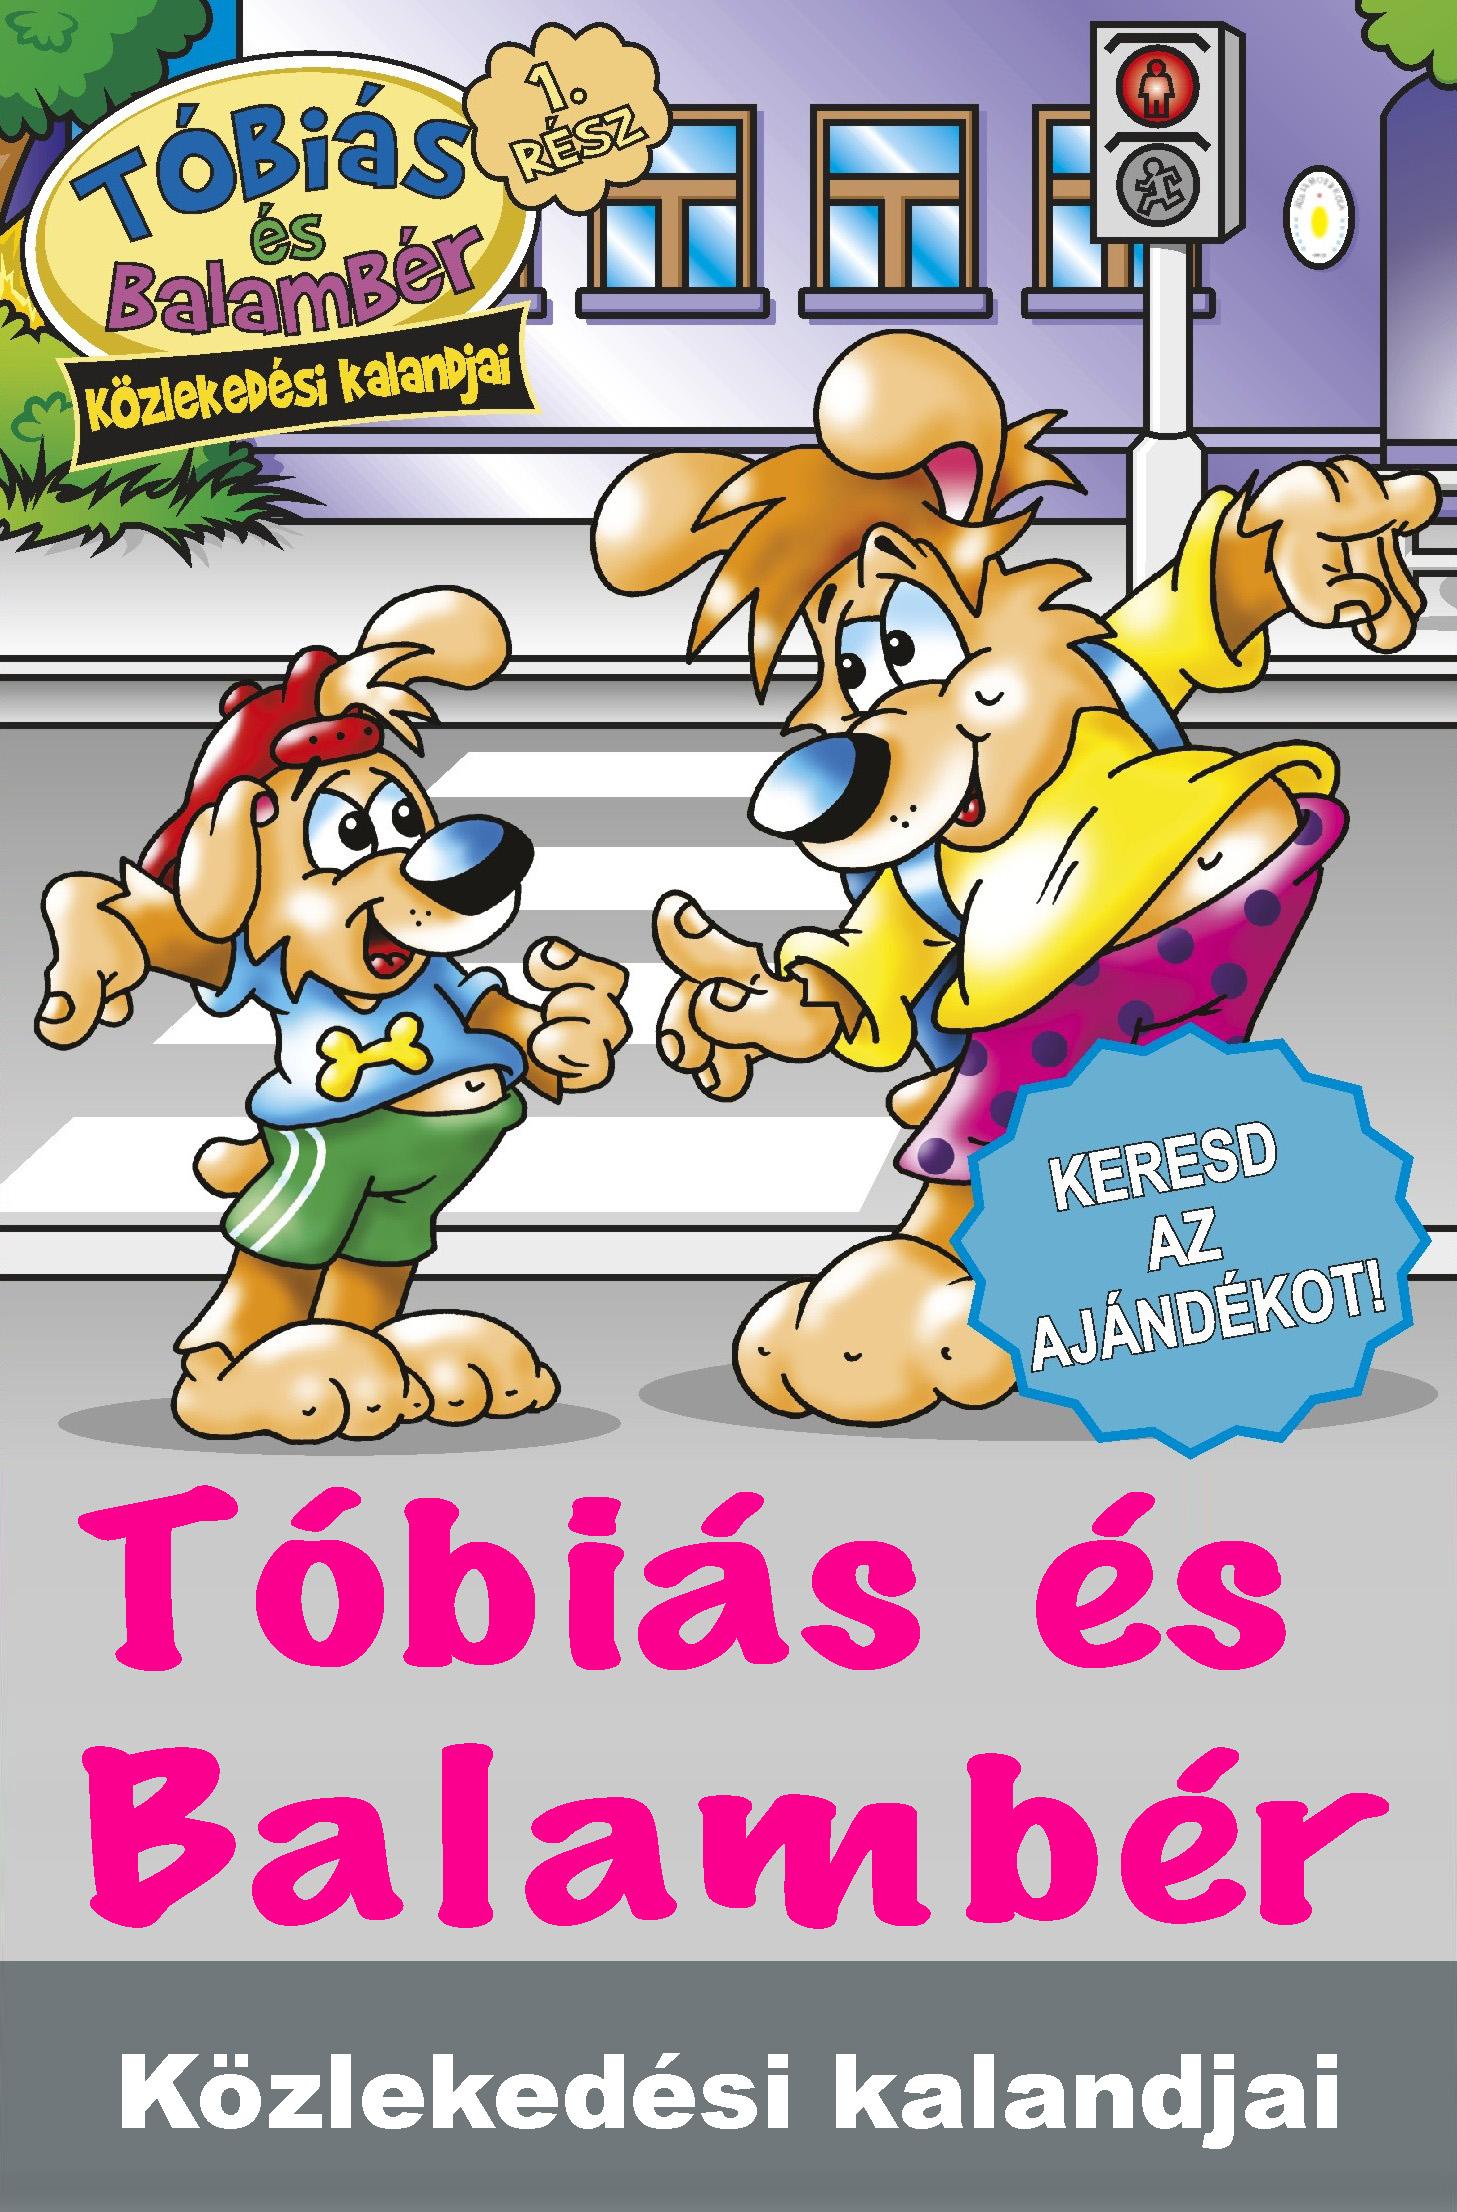 Tóbiás és Balambér